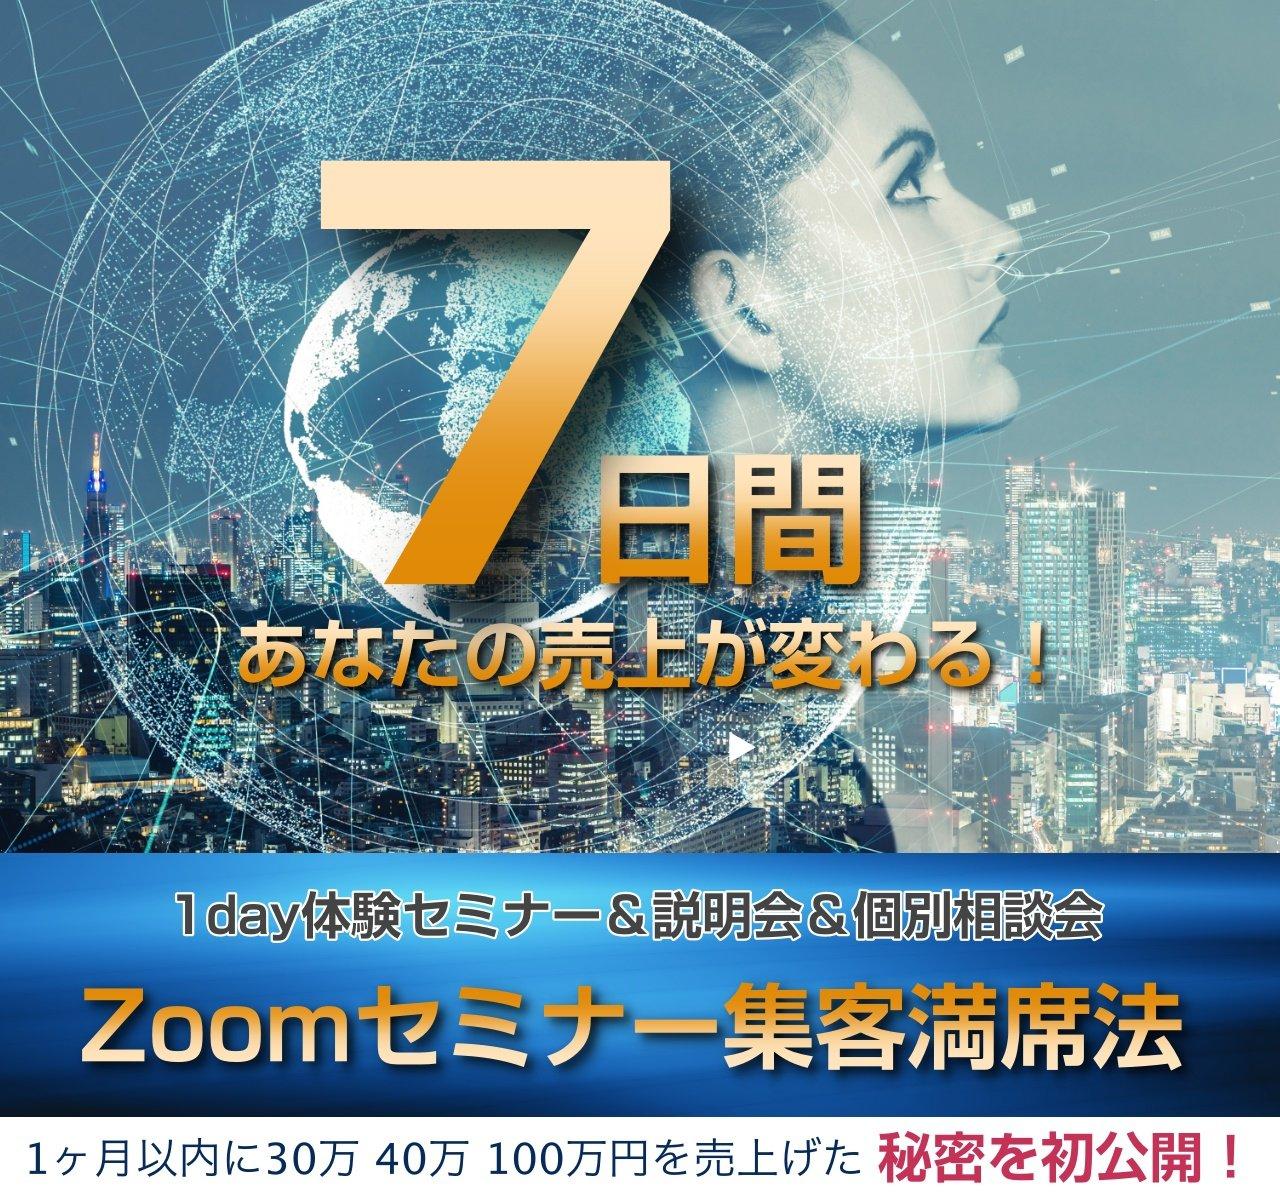 オンラインビジネス起業 オンラインビジネスのZoomセミナー ランディングページ画像 サムネイル1